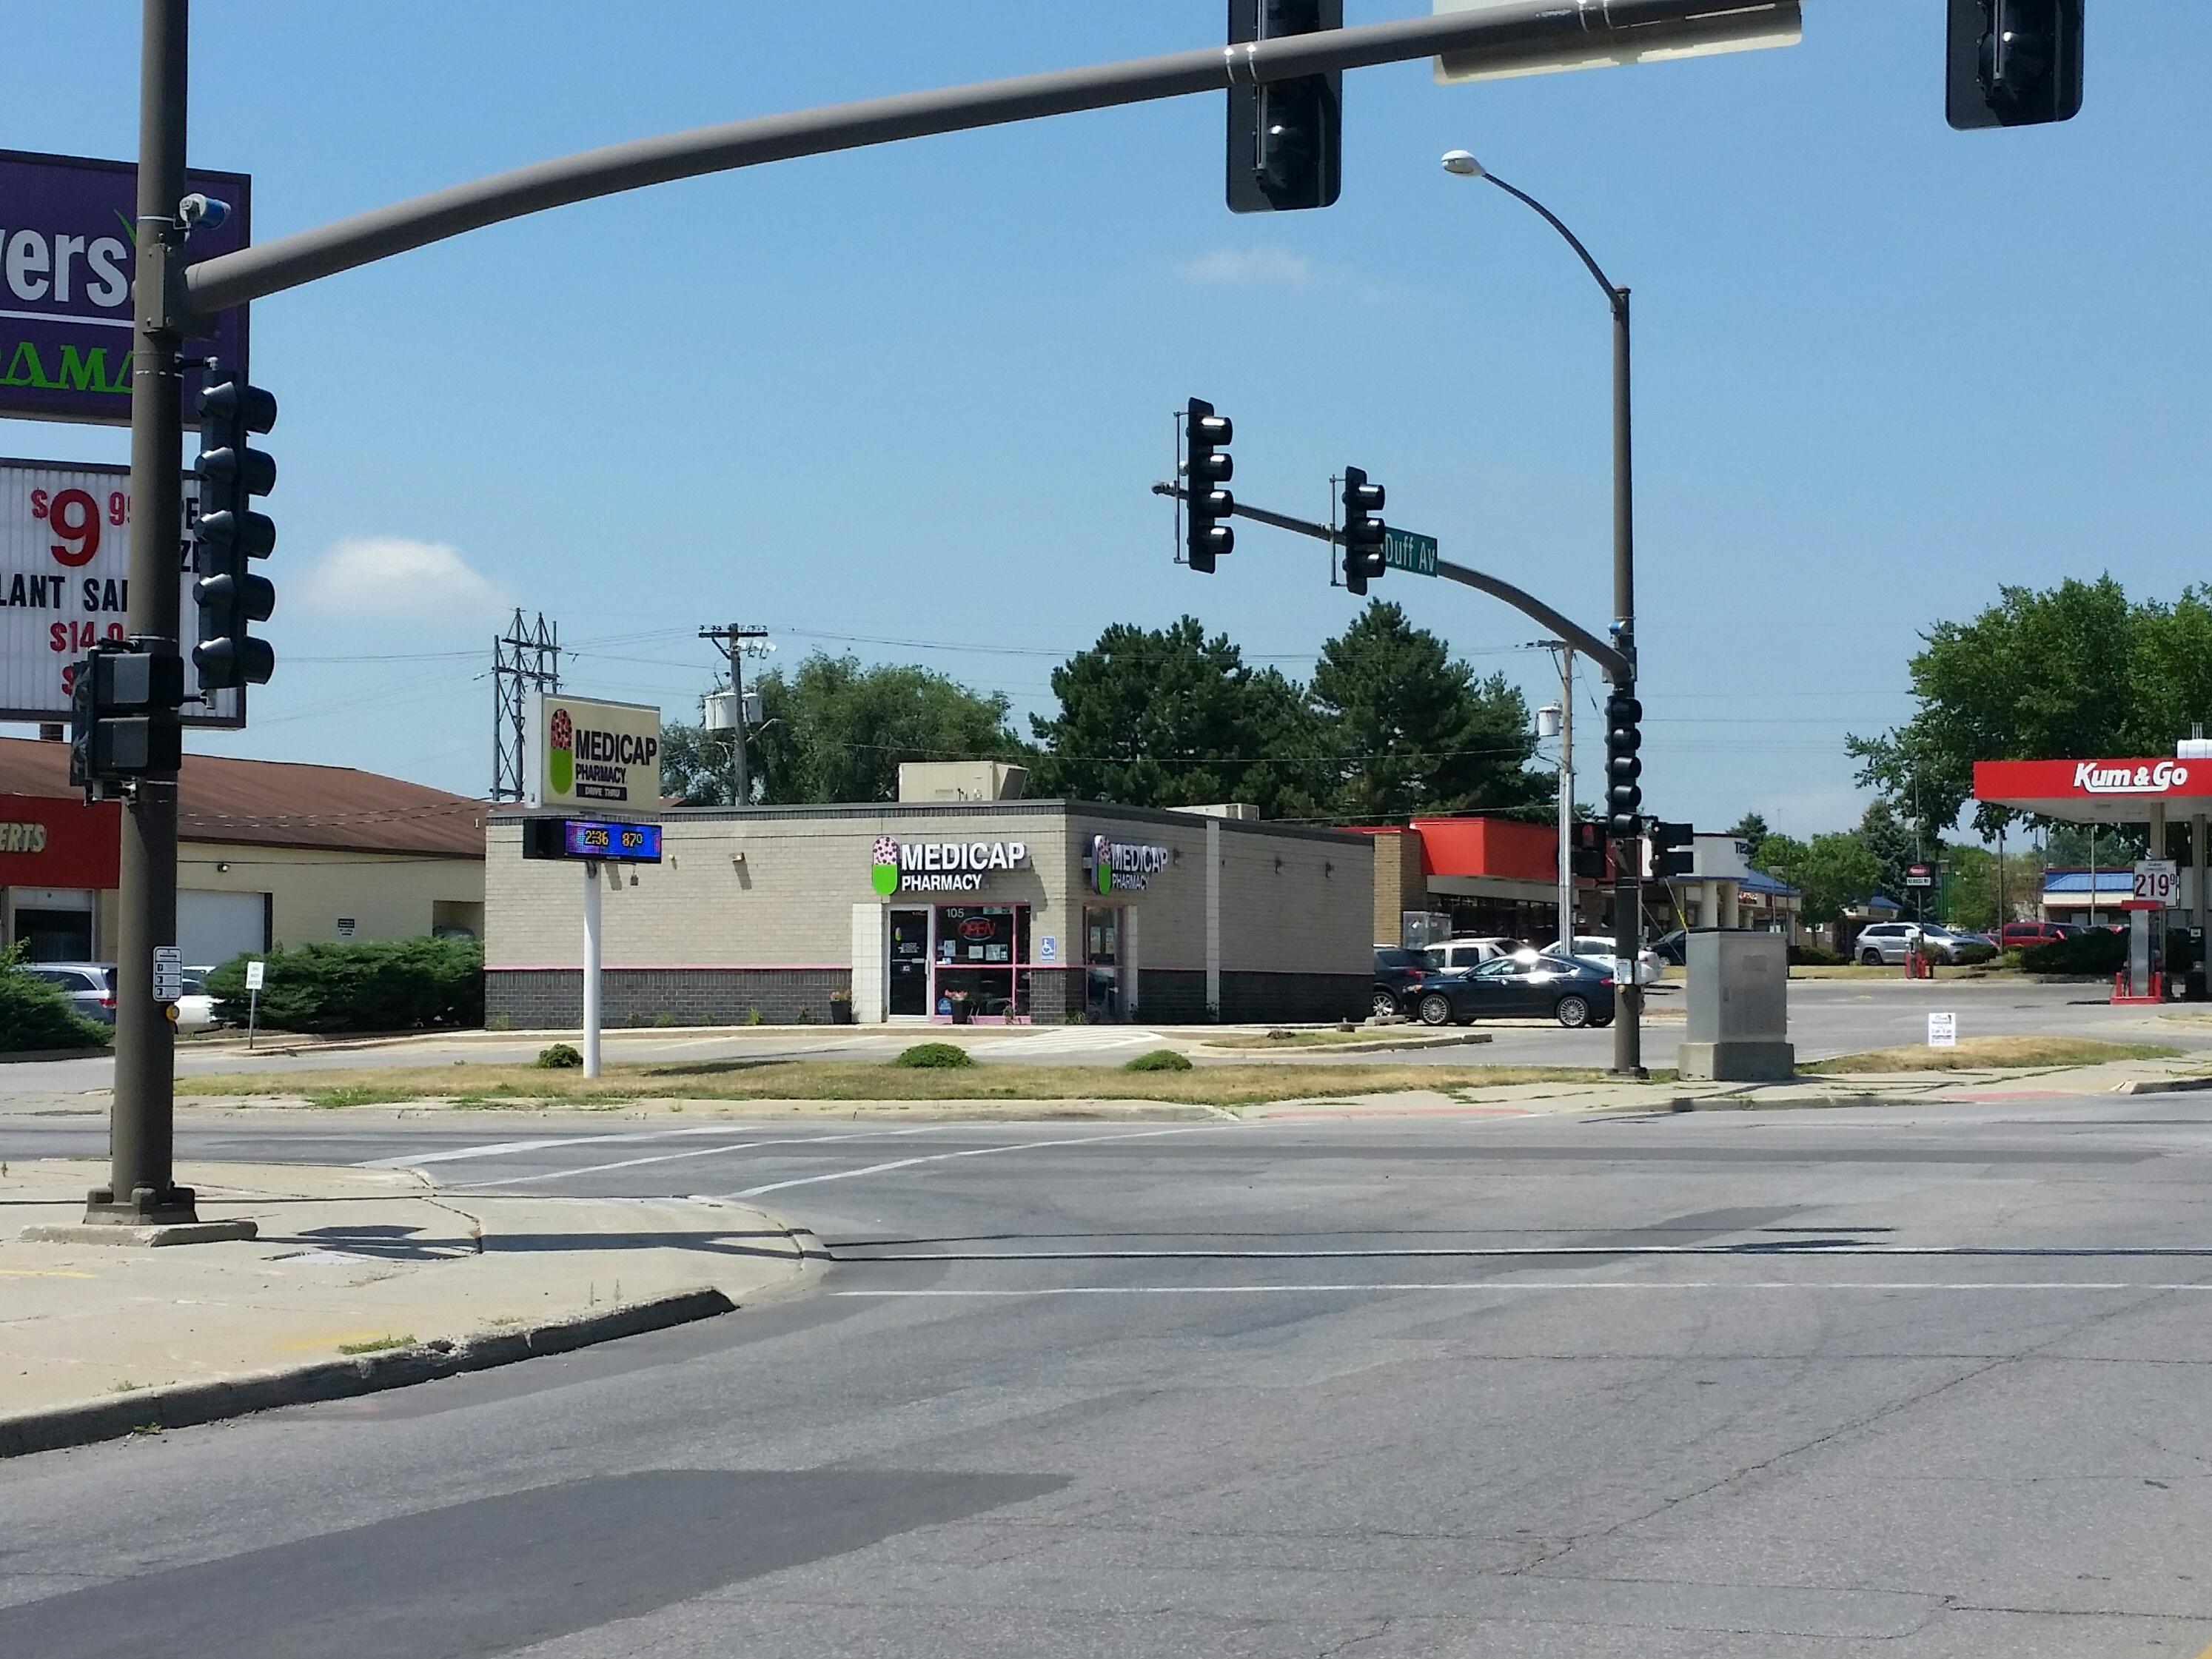 Ames Medicap Storefront